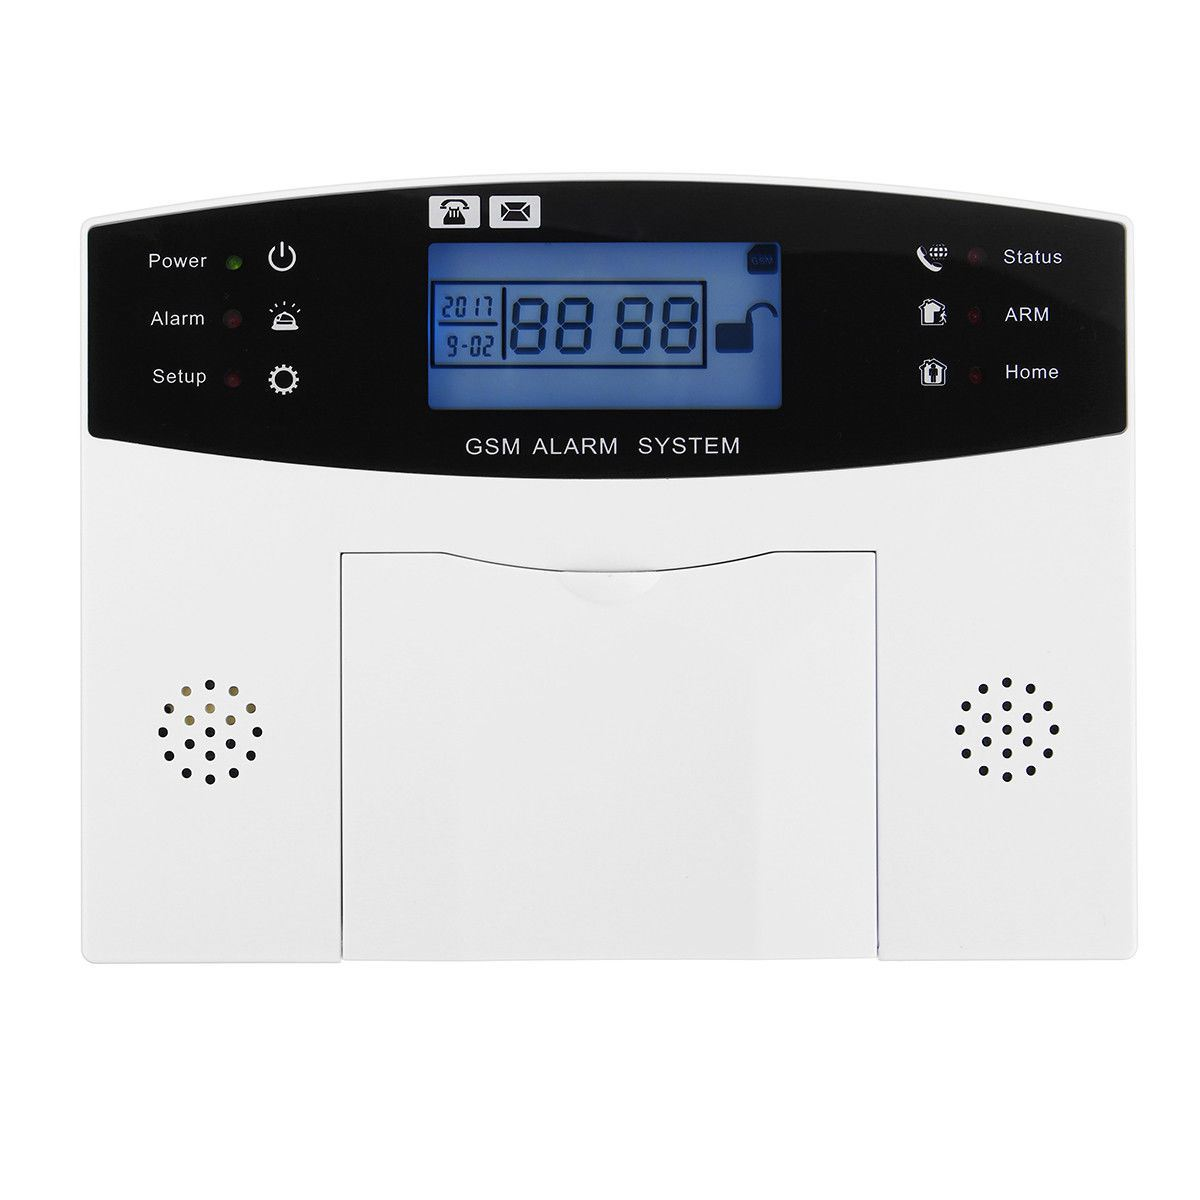 Écran LCD GSM sans fil système d'alarme antivol maison SOS mouvement porte fenêtre capteur alarme de sécurité - 2